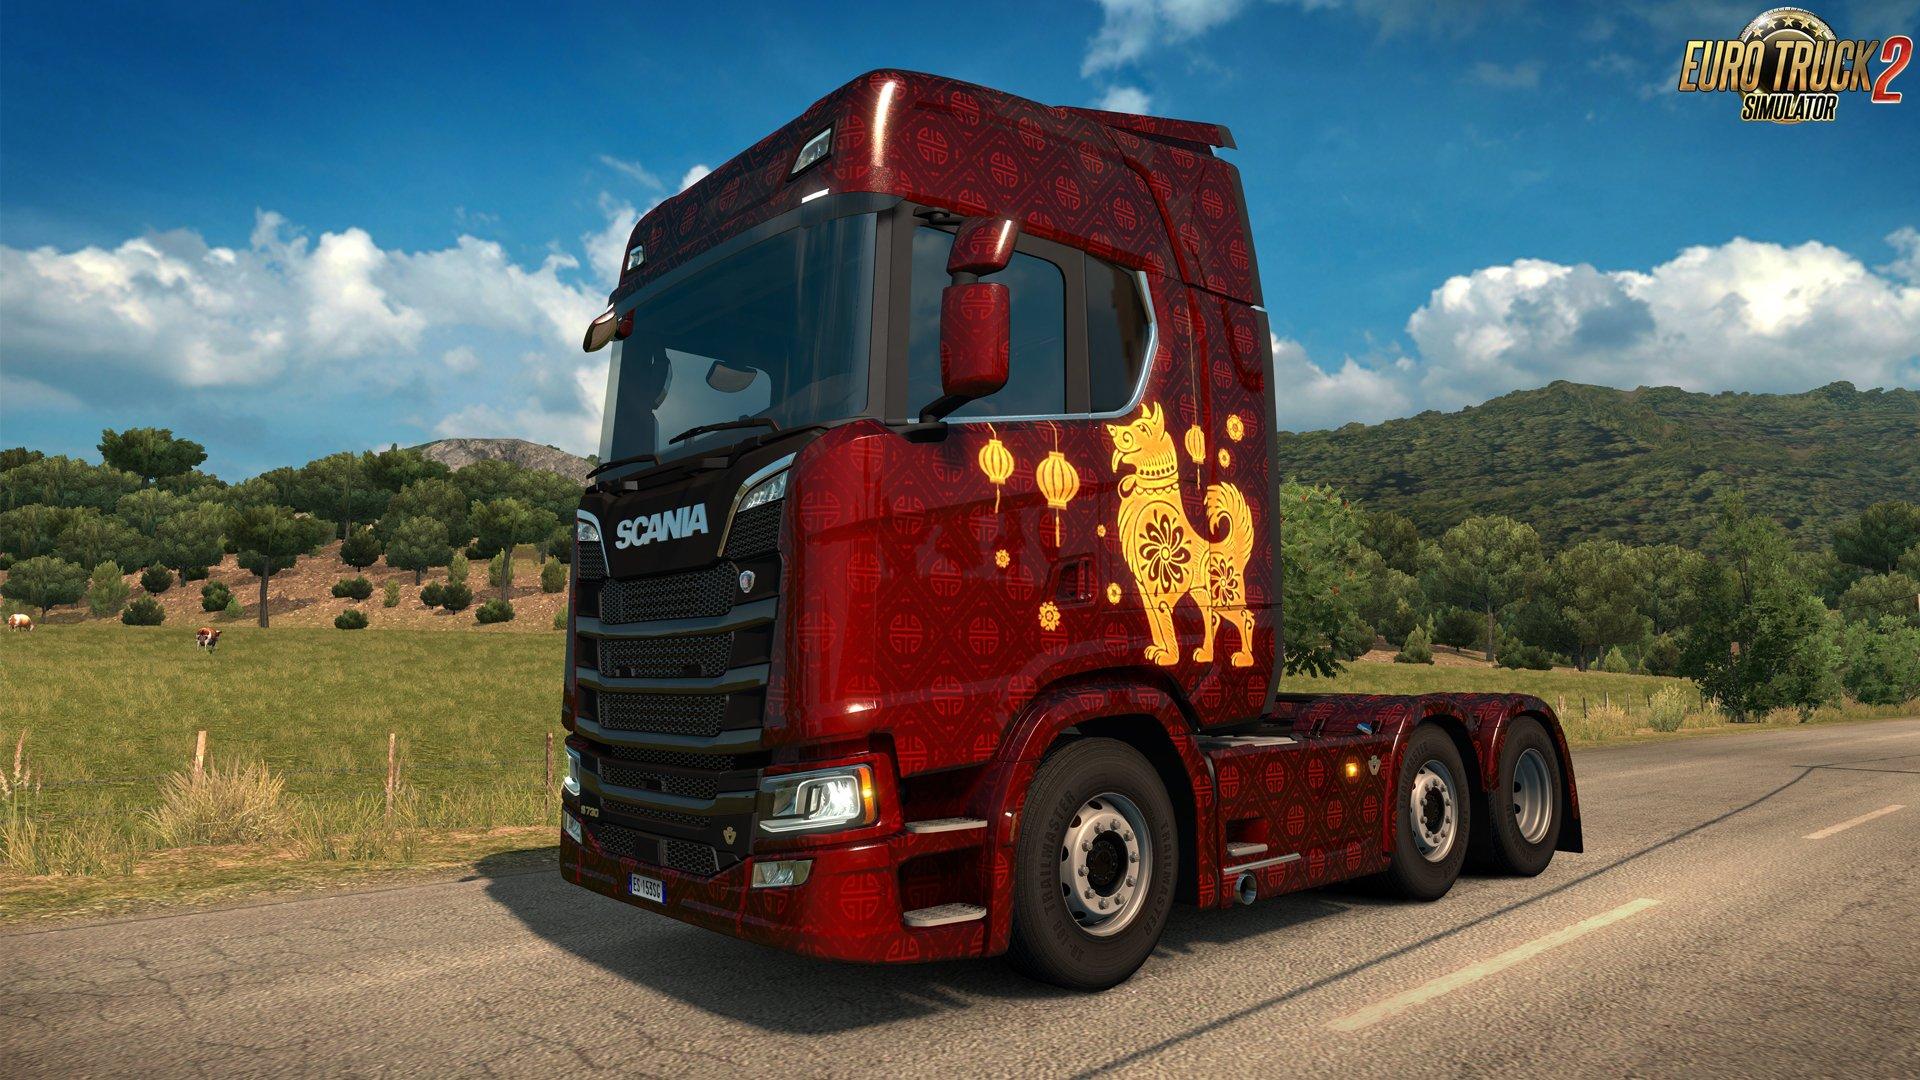 download ets 2 mods truck mods euro truck simulator 2. Black Bedroom Furniture Sets. Home Design Ideas